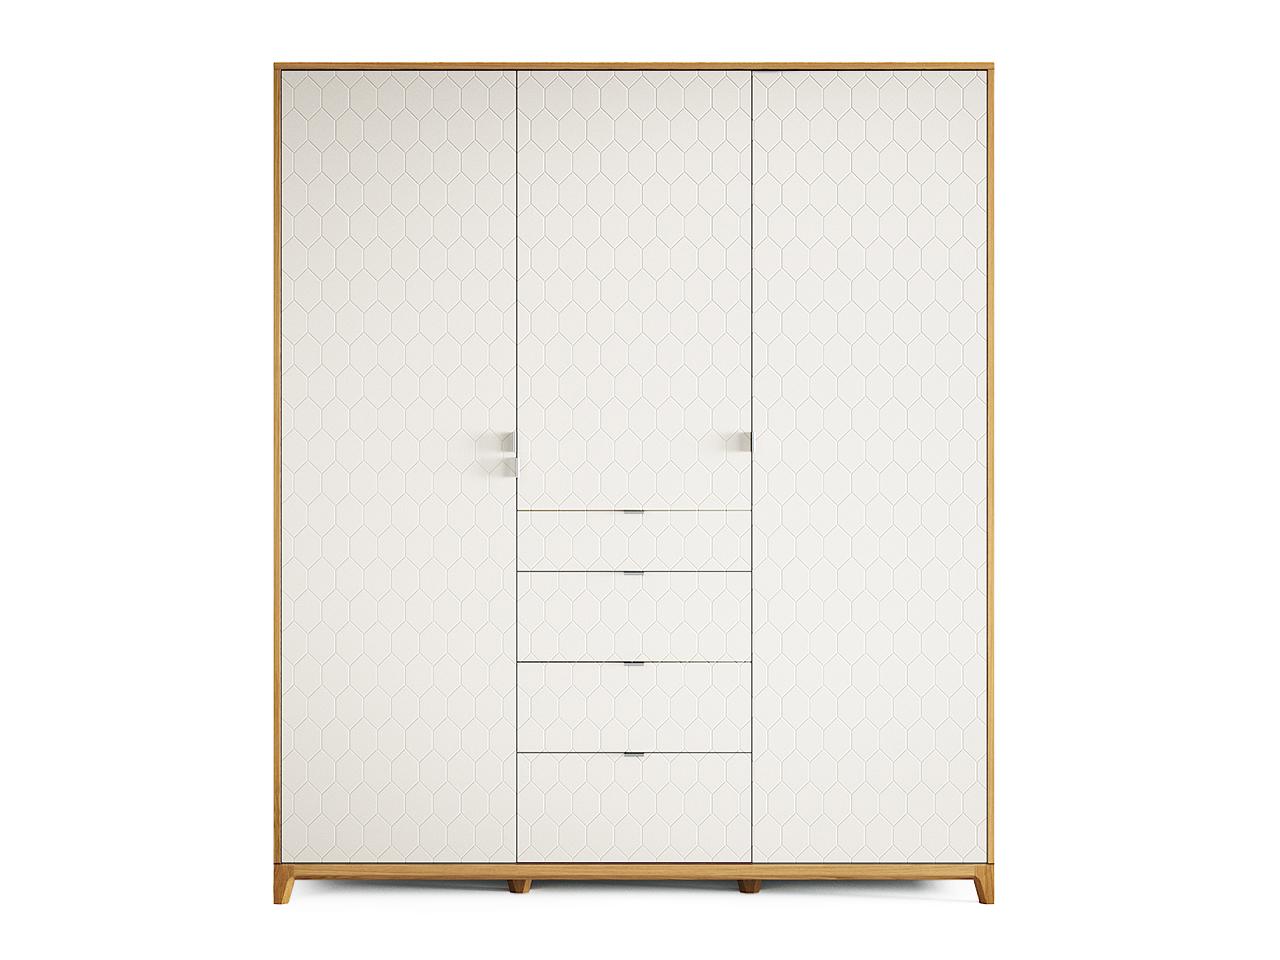 Шкаф Case №2Платяные шкафы<br>Еще более вместительный, прочный и удобный шкаф CASE №2 сочетает в себе продуманную структуру и современный дизайн.В новом варианте предлагаются ящики с внешними фасадами, а также обновленное наполнение шкафов. Внутри комфортно расположены полки и штанги для вешалок, сплошная перфорация позволяет устанавливать полки в удобном положении,предусмотрено два возможных положения штанг (для хранения длинных вещей / для большего количества вещей). В комплекте поставляется дополнительная полка и дополнительная штанга для вешалок.&amp;lt;div&amp;gt;&amp;lt;br&amp;gt;&amp;lt;/div&amp;gt;&amp;lt;div&amp;gt;Материал: массив дуба, МДФ, ДСП, эмаль, лак&amp;lt;br&amp;gt;&amp;lt;/div&amp;gt;&amp;lt;div&amp;gt;&amp;lt;br&amp;gt;&amp;lt;/div&amp;gt;<br><br>Material: Дуб<br>Ширина см: 180.0<br>Высота см: 210.0<br>Глубина см: 60.0